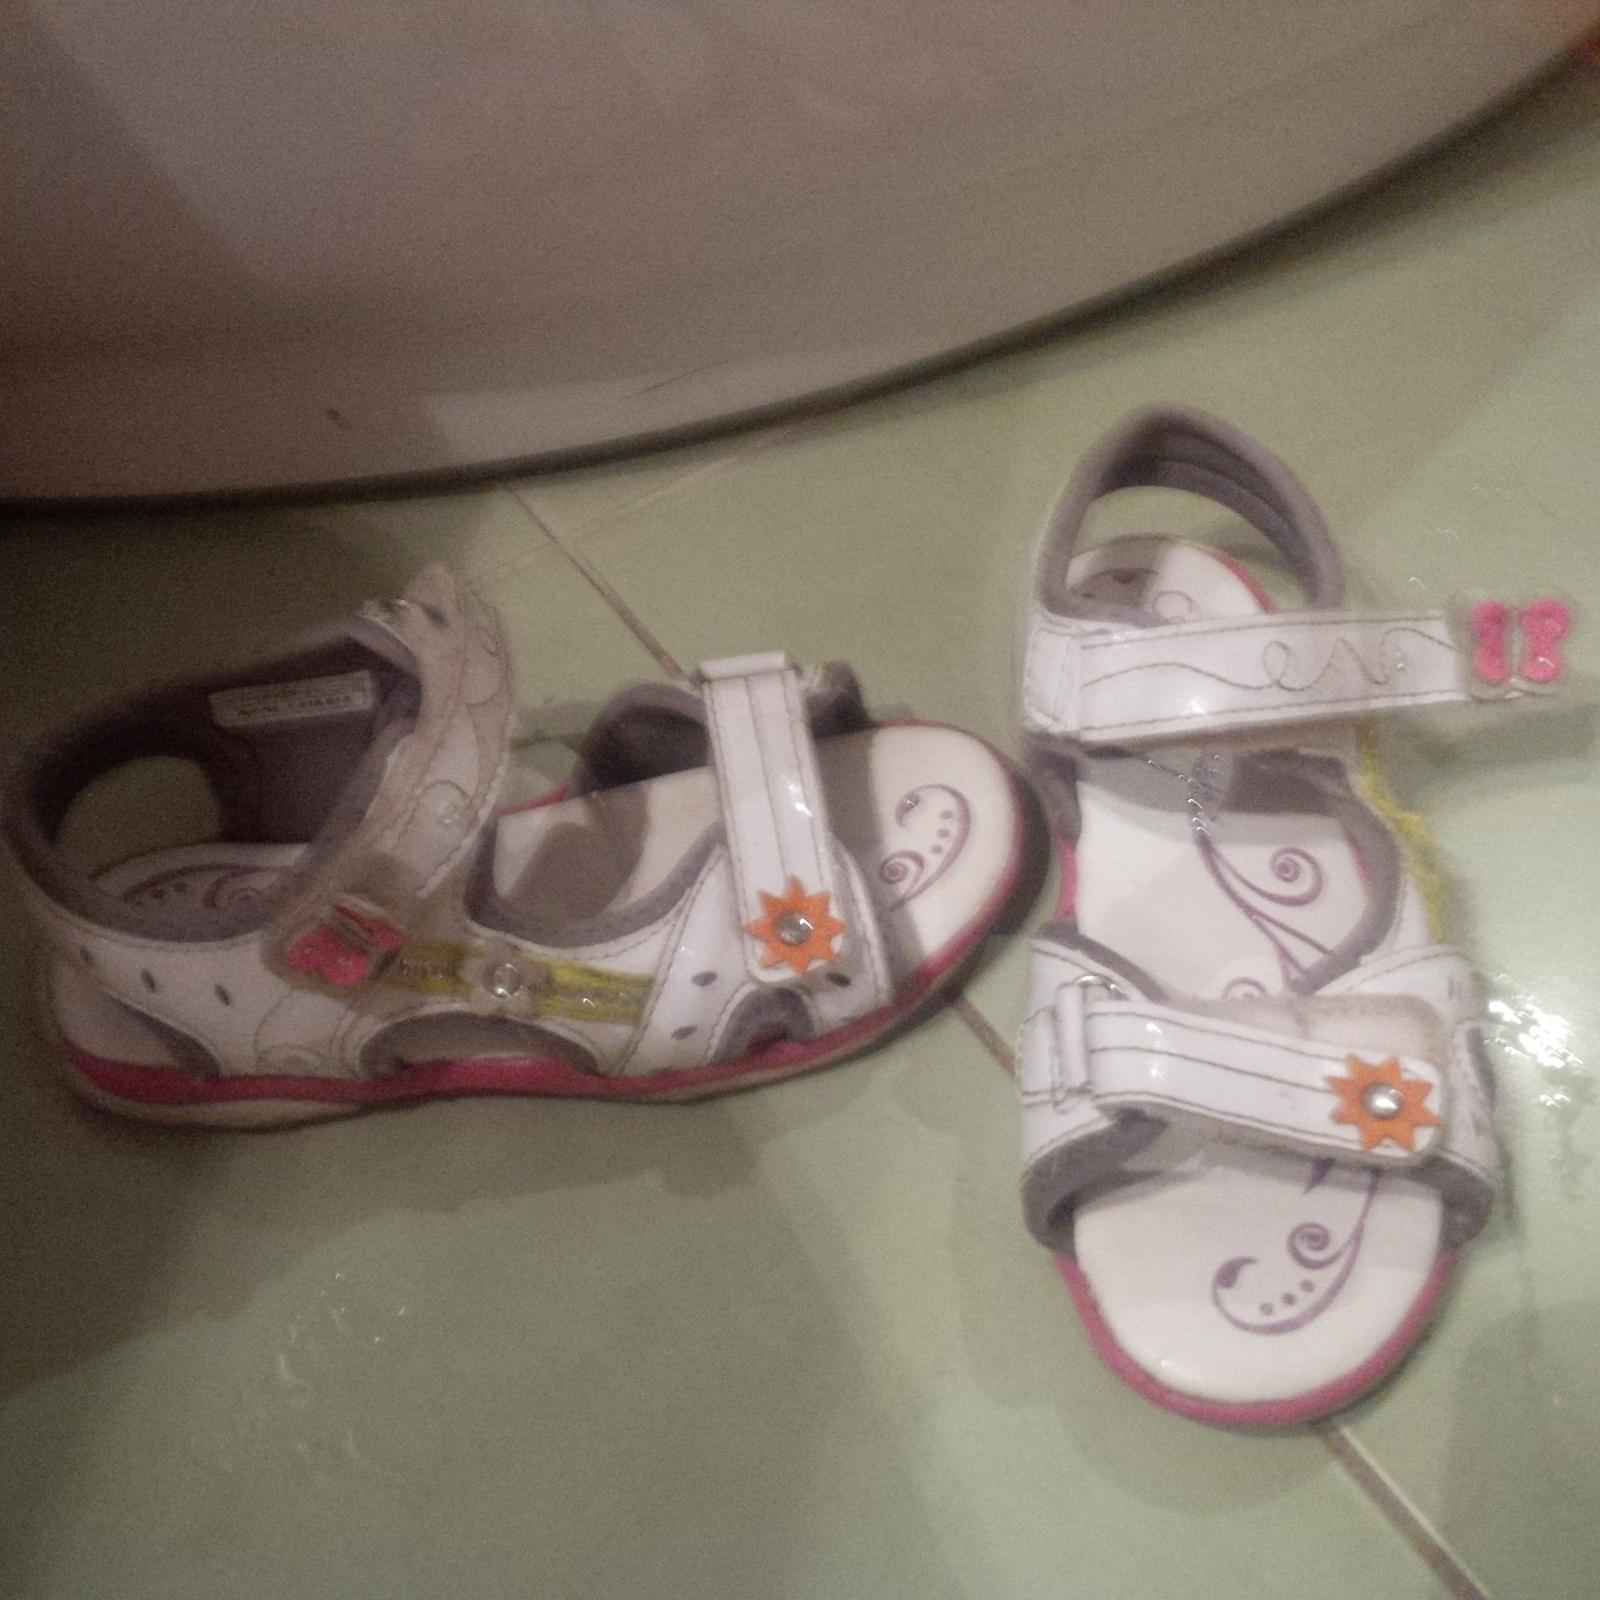 dívčí sandálky Cupcake, vel 30 - Obrázek č. 2